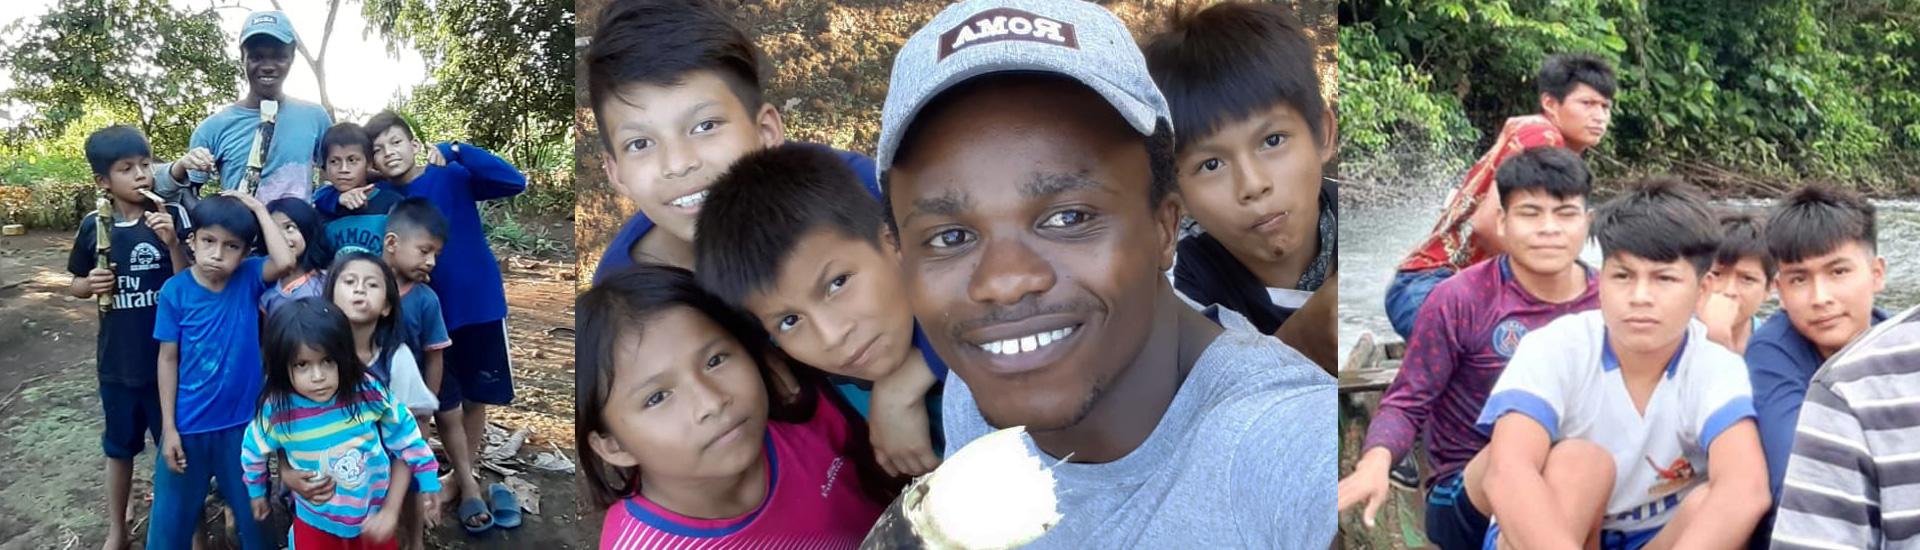 El sueño misionero de un joven salesiano de RD Congo en la selva ecuatoriana